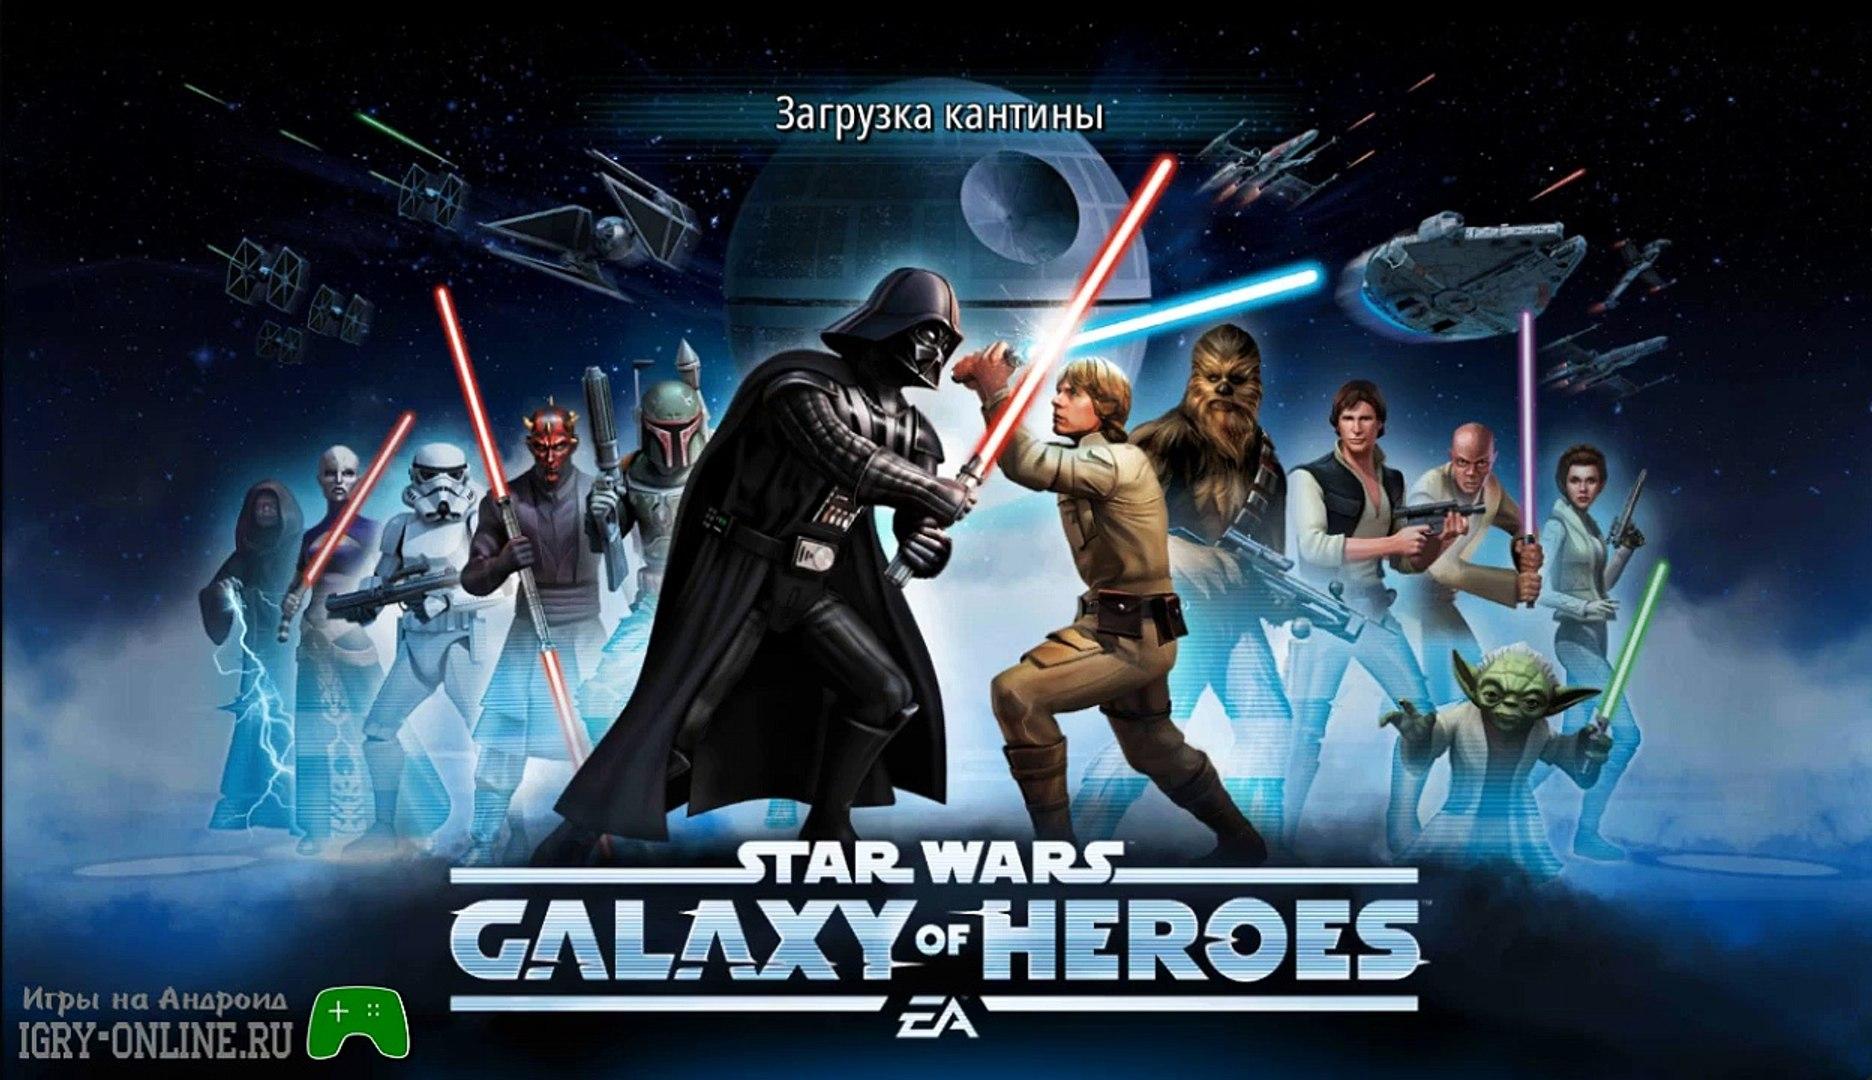 Экскурсия по вселенной Звездных войн. Игра star wars׃ galaxy of heroes на андроид